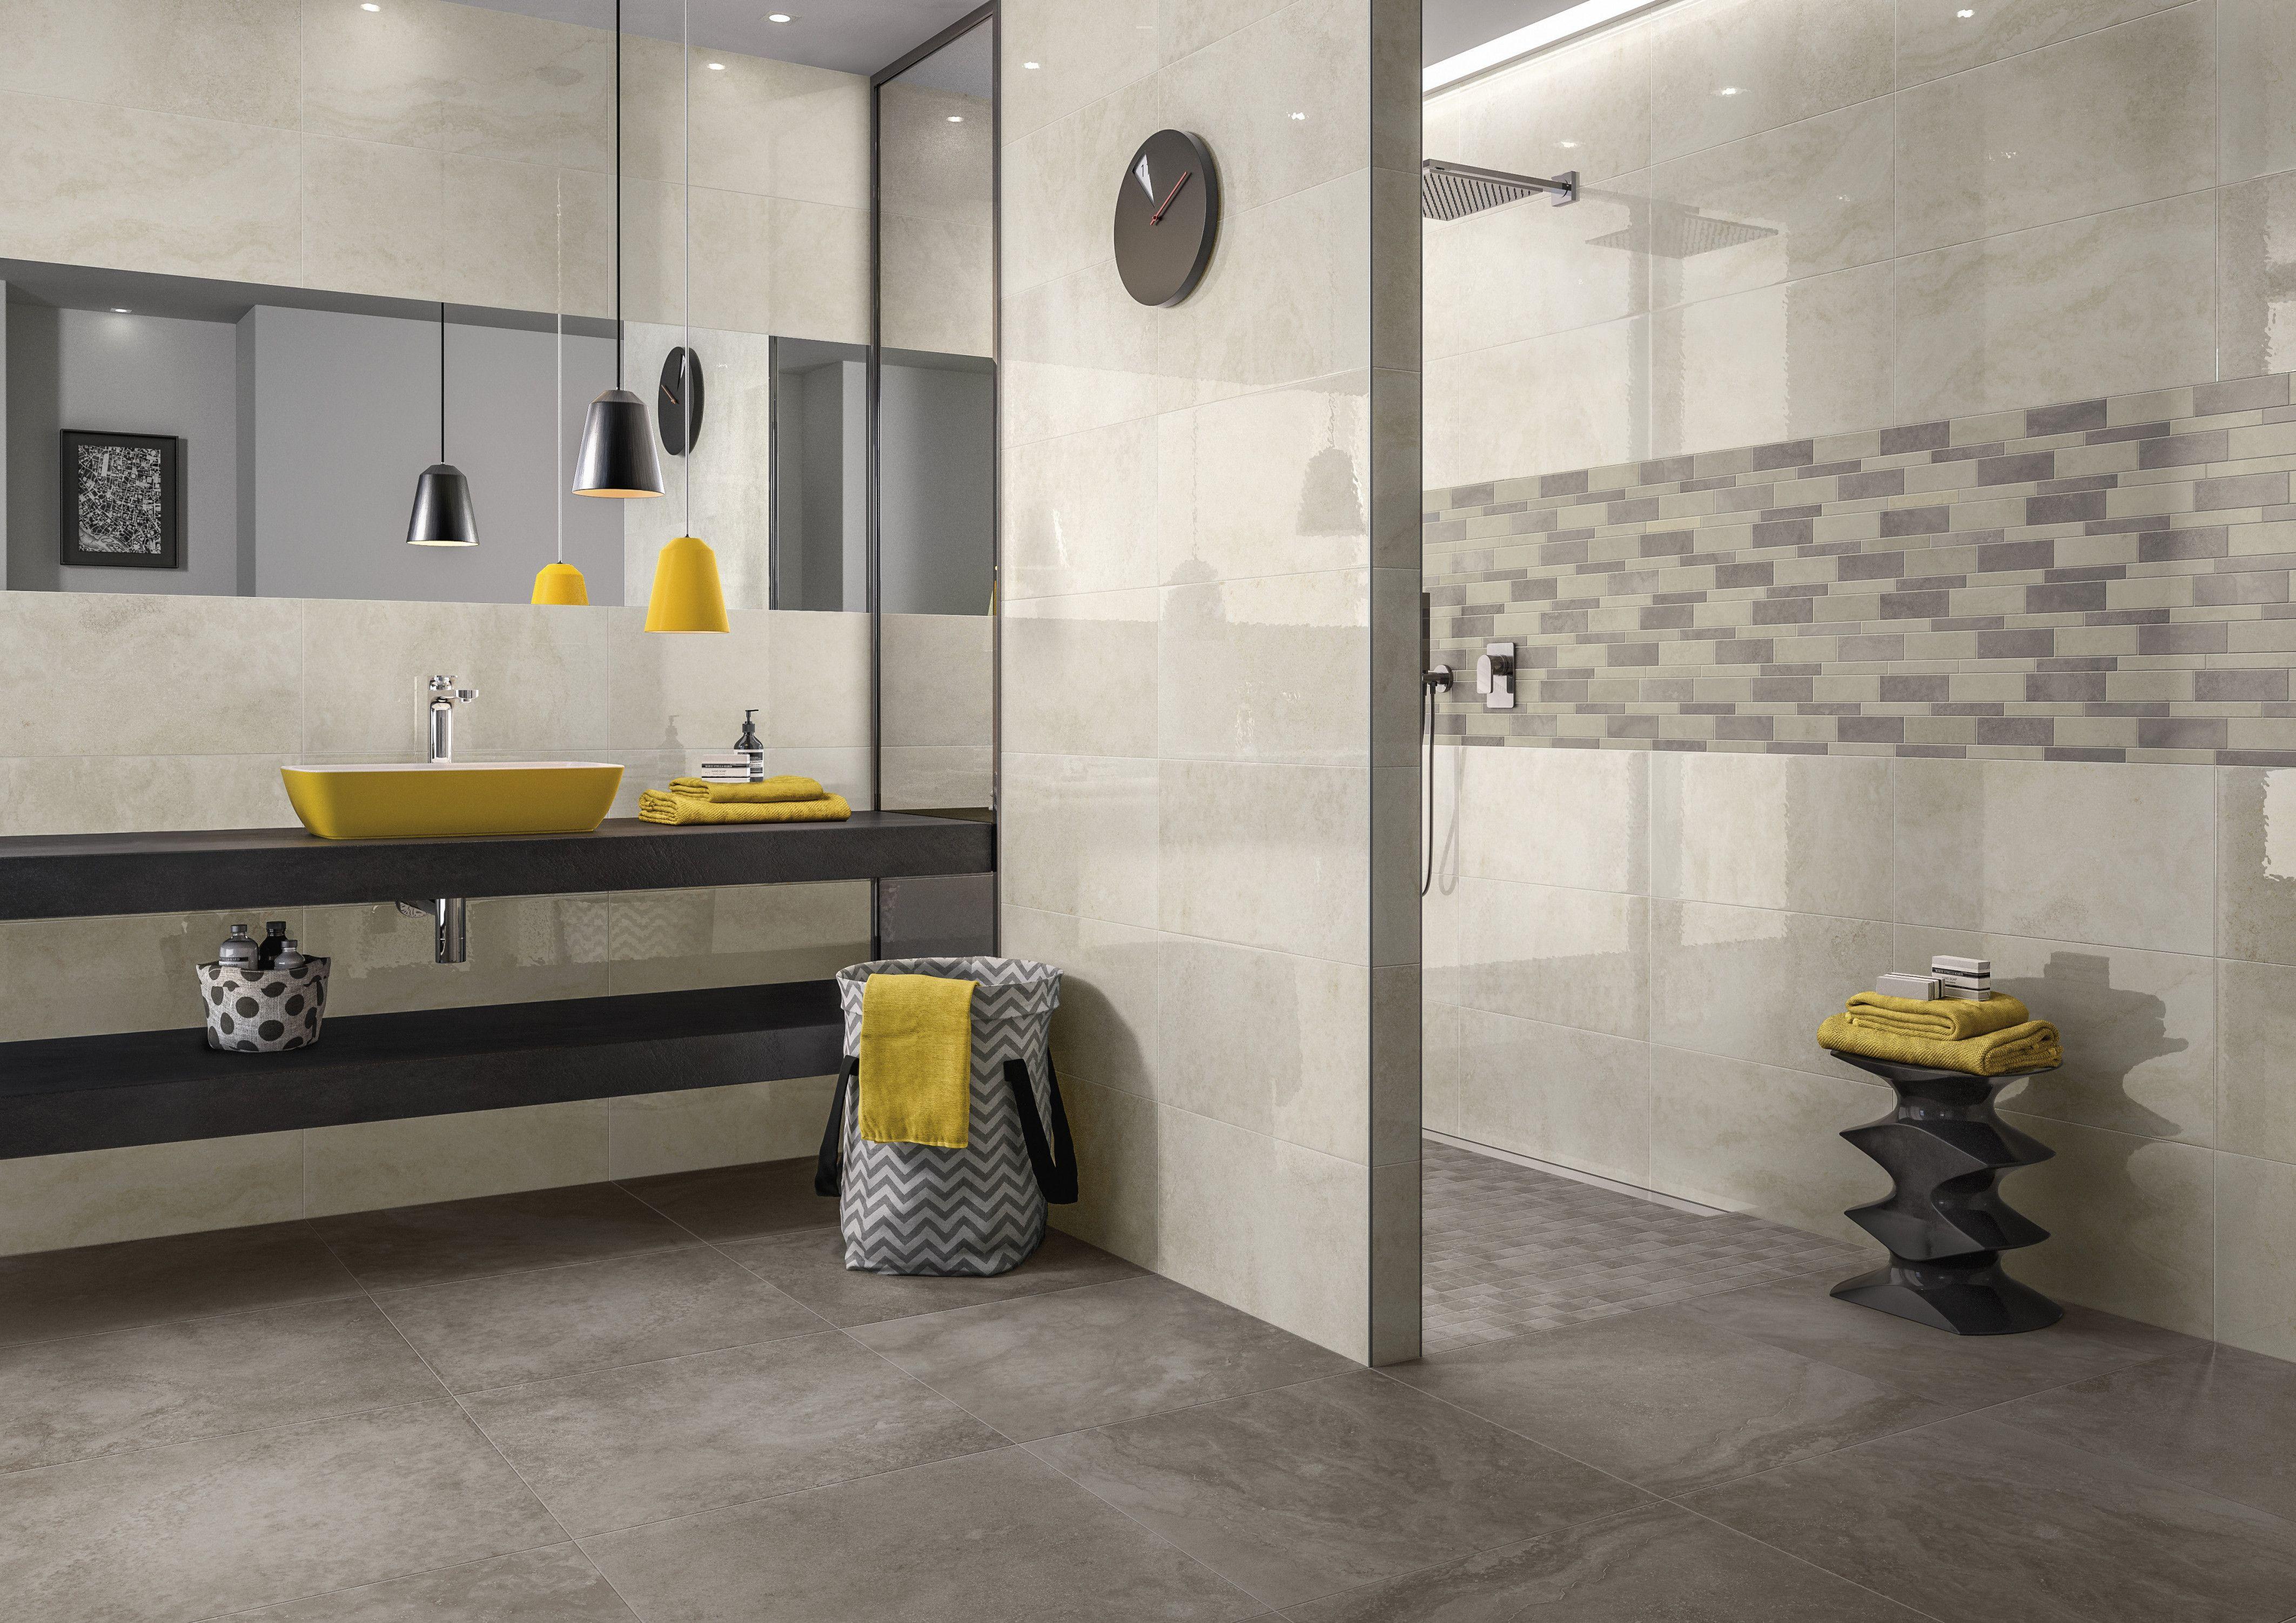 Badezimmertrends 2020 On Badezimmer Fliesen Modern Bild Badezimmer Fliesen Badezimmer Trends Bad Fliesen Ideen